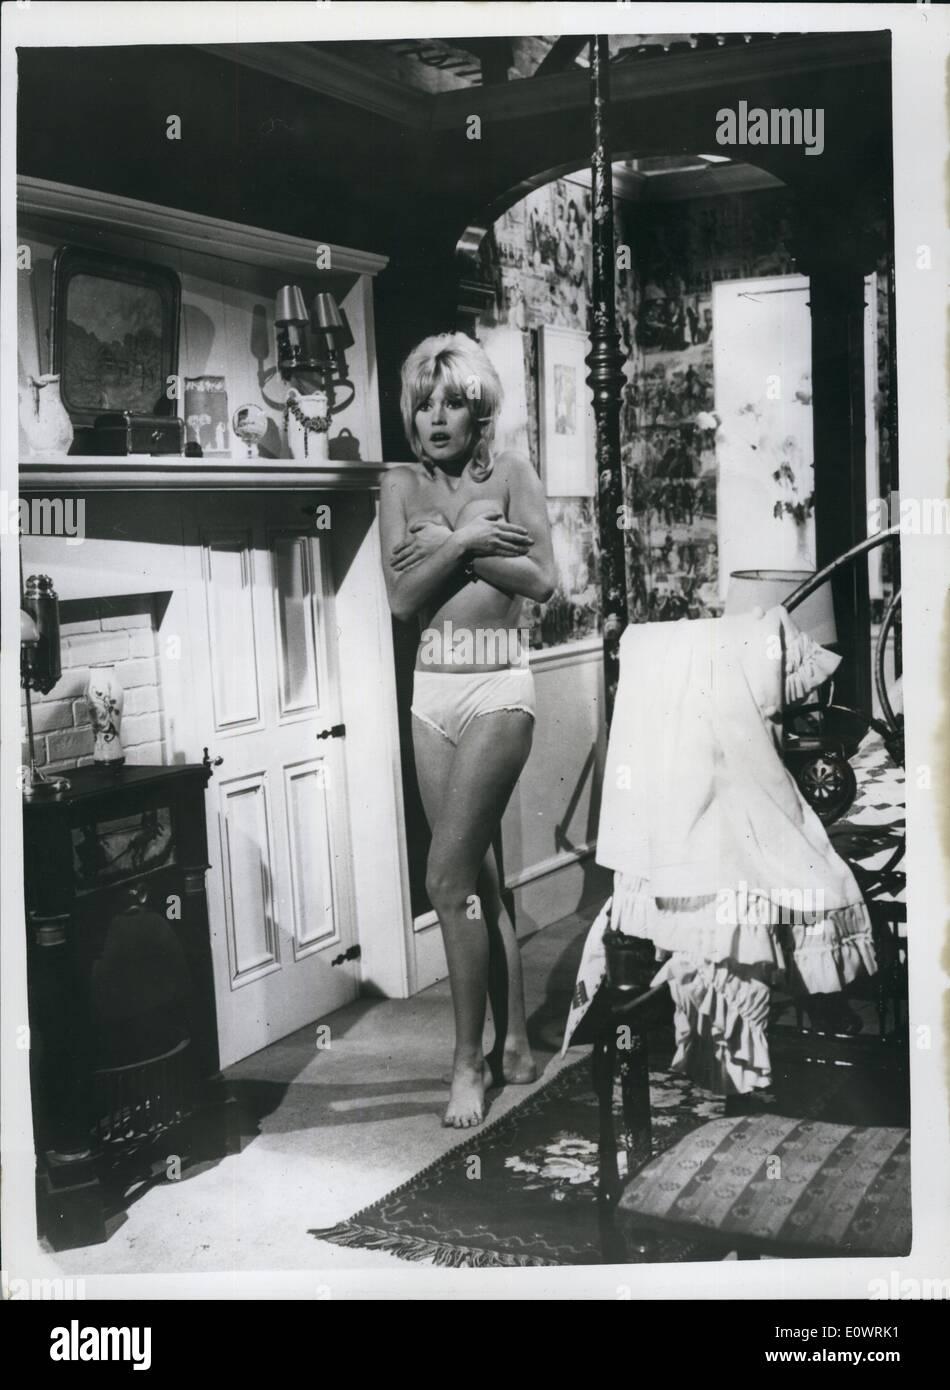 12 déc., 1963 - ''B.B.'' - l'Adorable Idiot:French Film Brigitte Bardot est toujours en train de filmer la ''Ravissante Idiots'' (l'Adorable Idiot) au studios de Billancourt en France. Dans le film, qui est en cours sous la direction d'Edouard Molinaro, Brigitte co-stars avec Anthony Perkins. Photo montre Brigitte dans une scène du film. Photo Stock